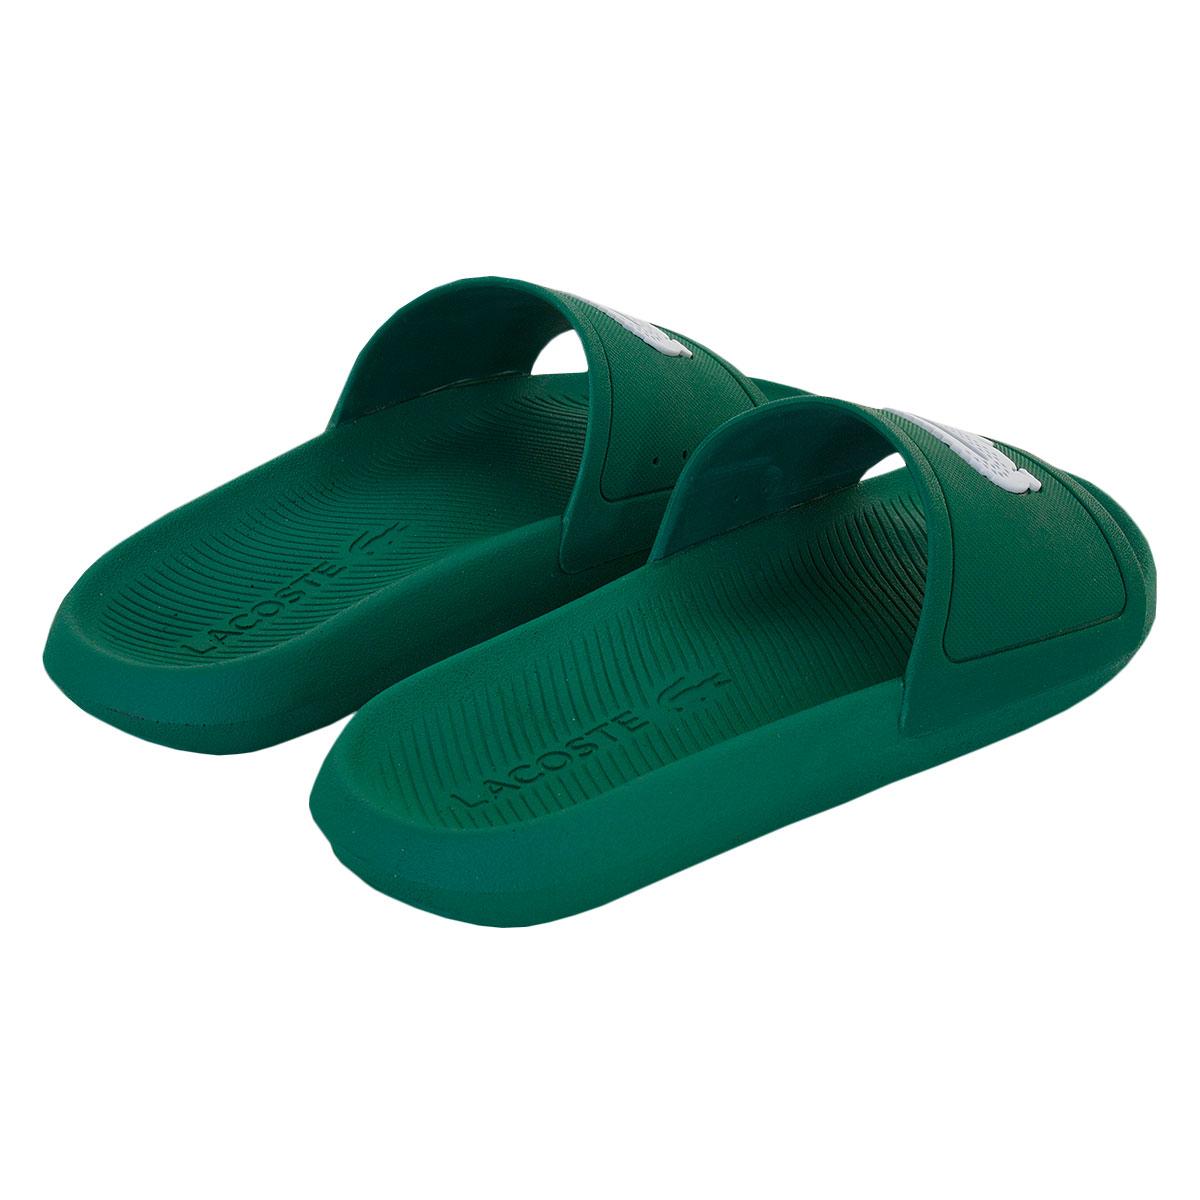 6f0bec178aa1 Lacoste Men s Croco Slide 119 1 CMA Flip Flops